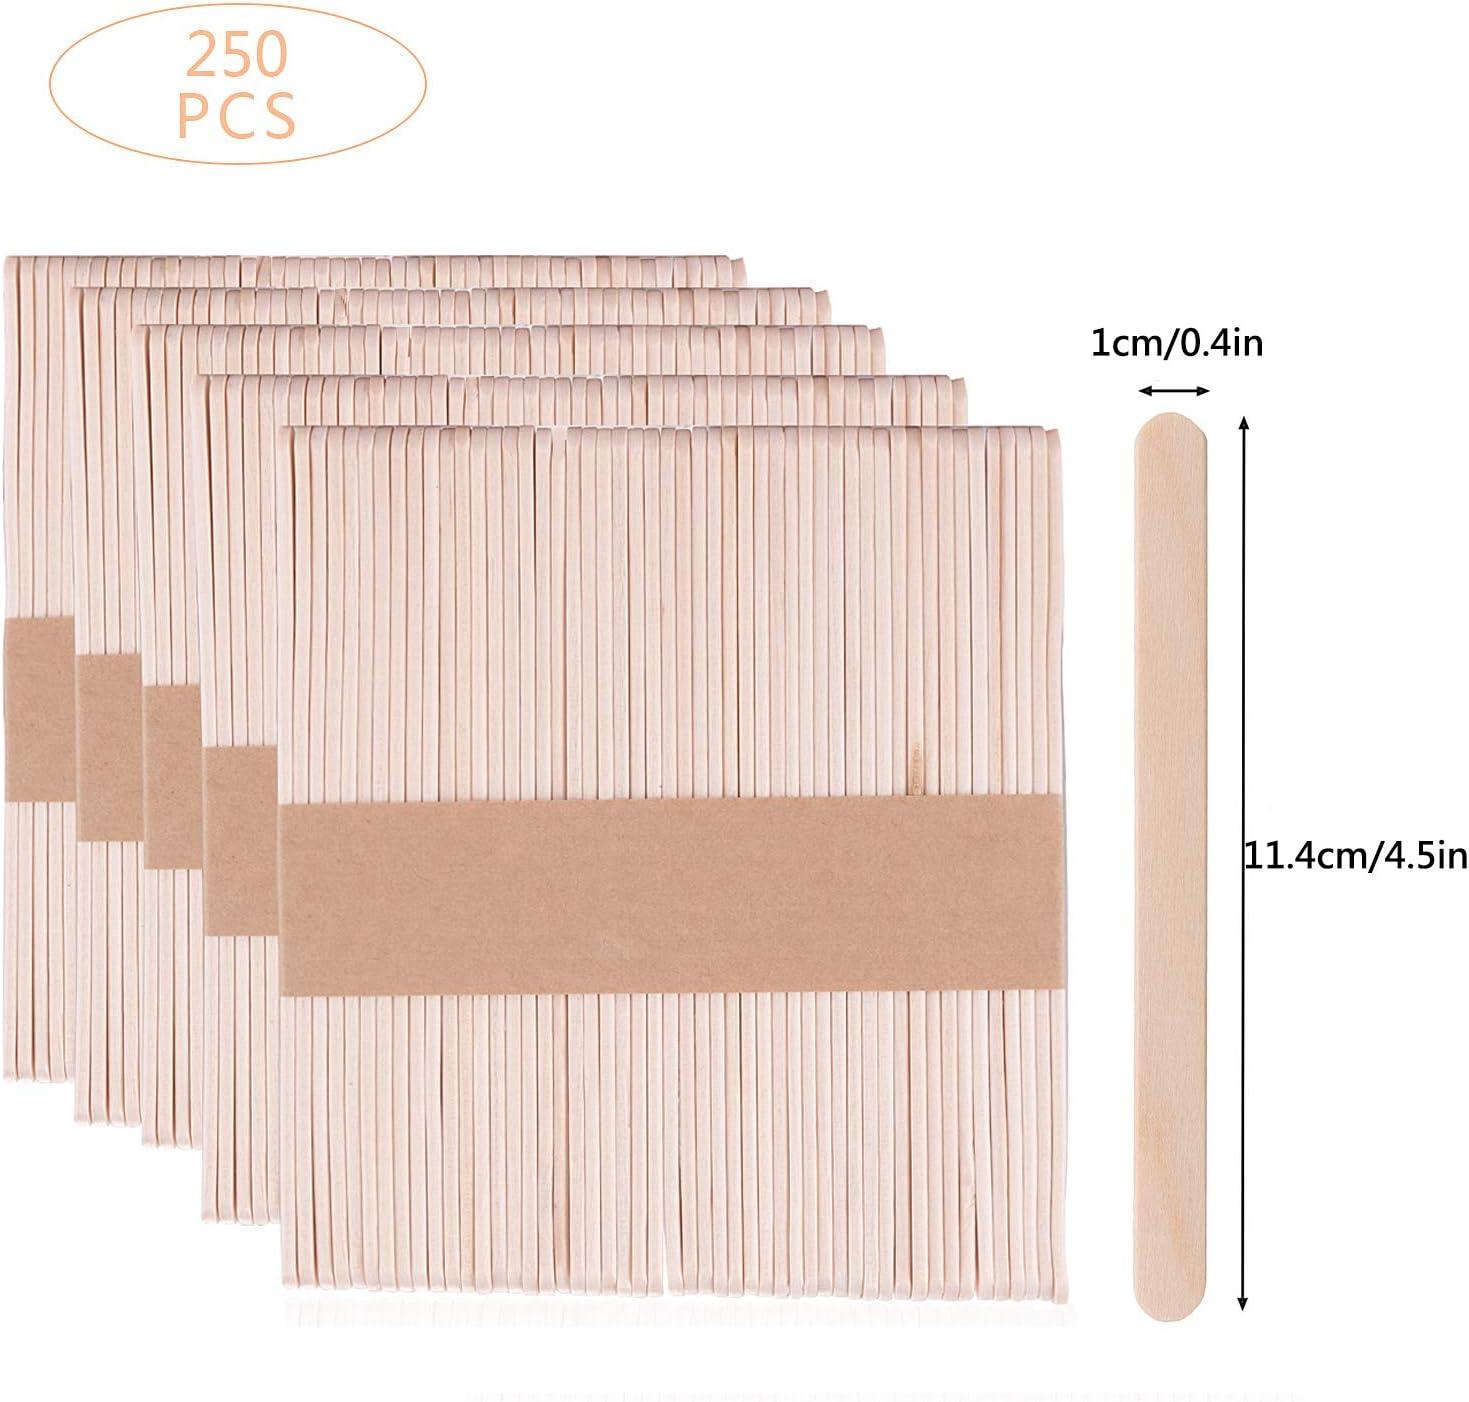 kreative Designs Kinder-Projekte Eisstiele f/ür Bastelarbeiten 3 Gr/ö/ßen Skystuff 300 St/ück Lollipop-Bastelst/äbchen aus Holz mit 150 St/ück farbigen und 150 St/ück nat/ürlich